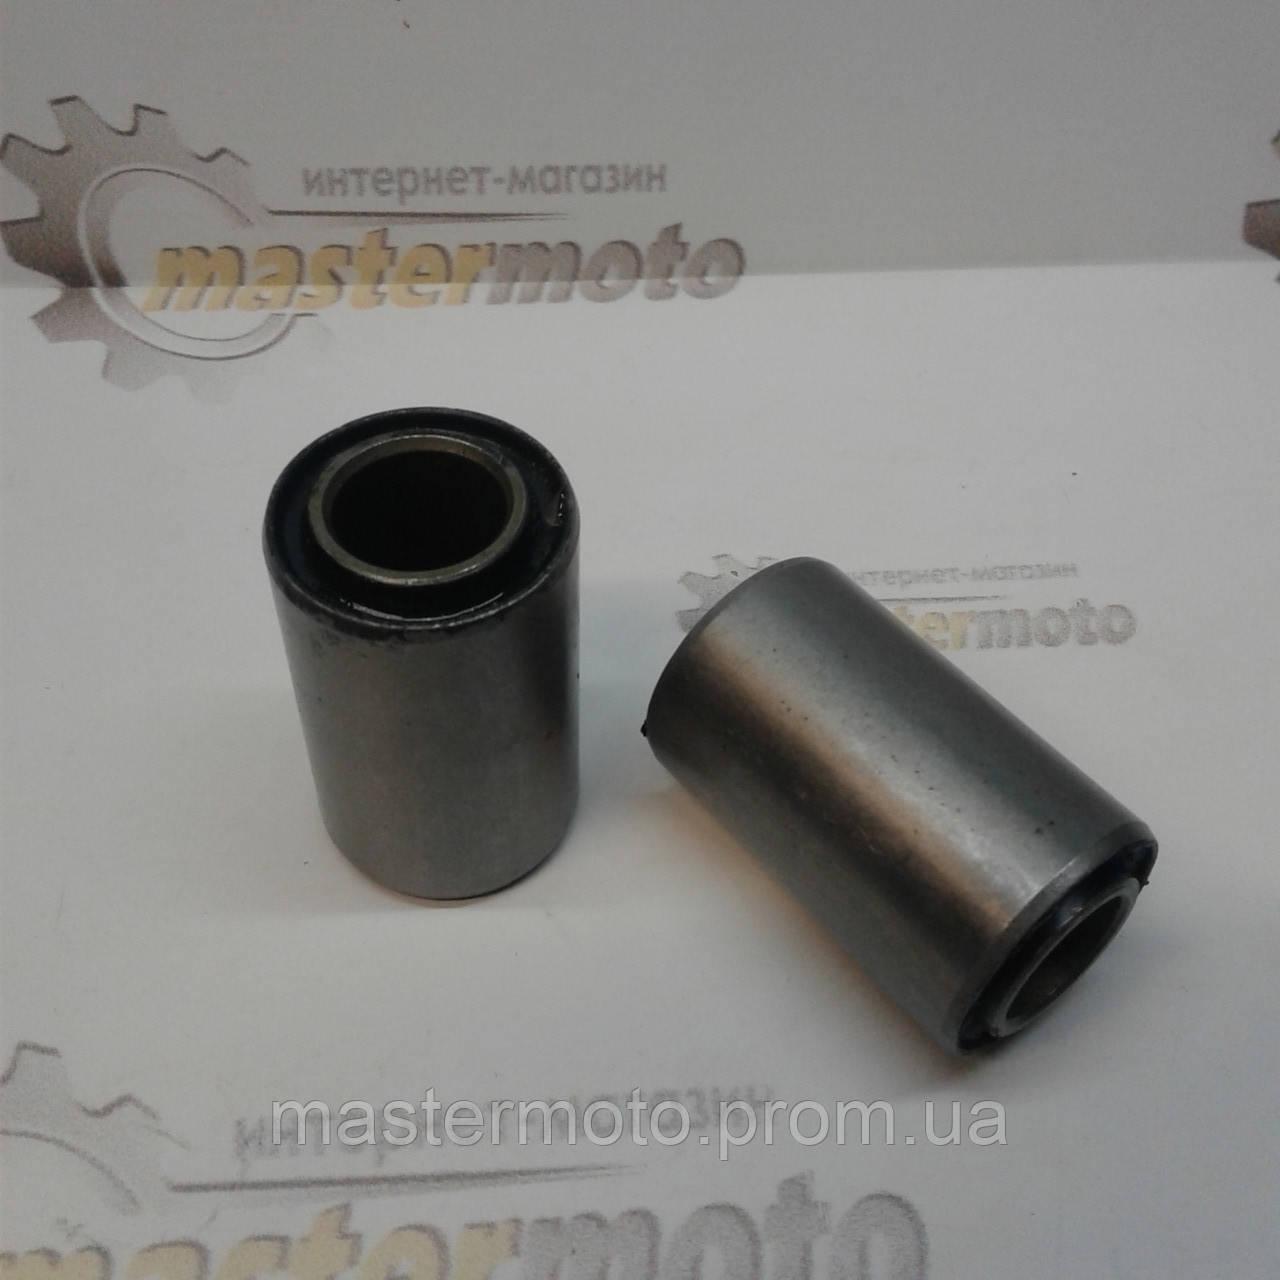 Сайлентблок маятника ( 26*41/43*14 ) для китайских мотоциклов, пара